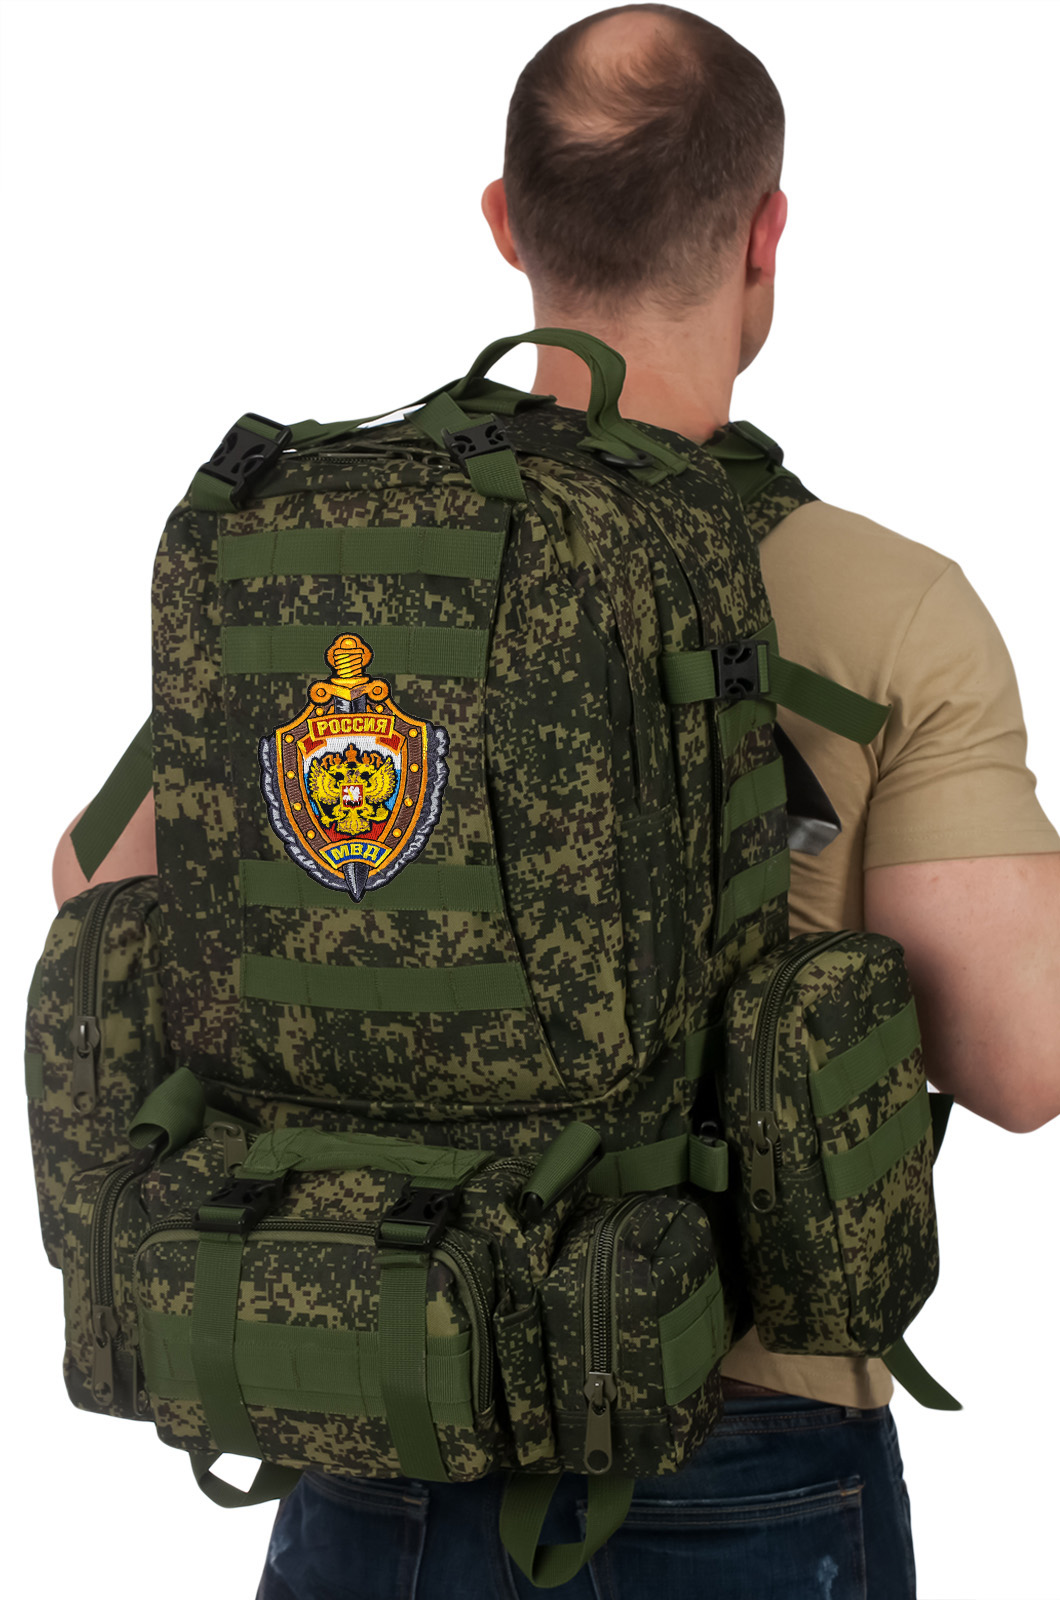 Рейдовый рюкзак на 50 литров с подсумками с эмблемой МВД оптом в Военпро